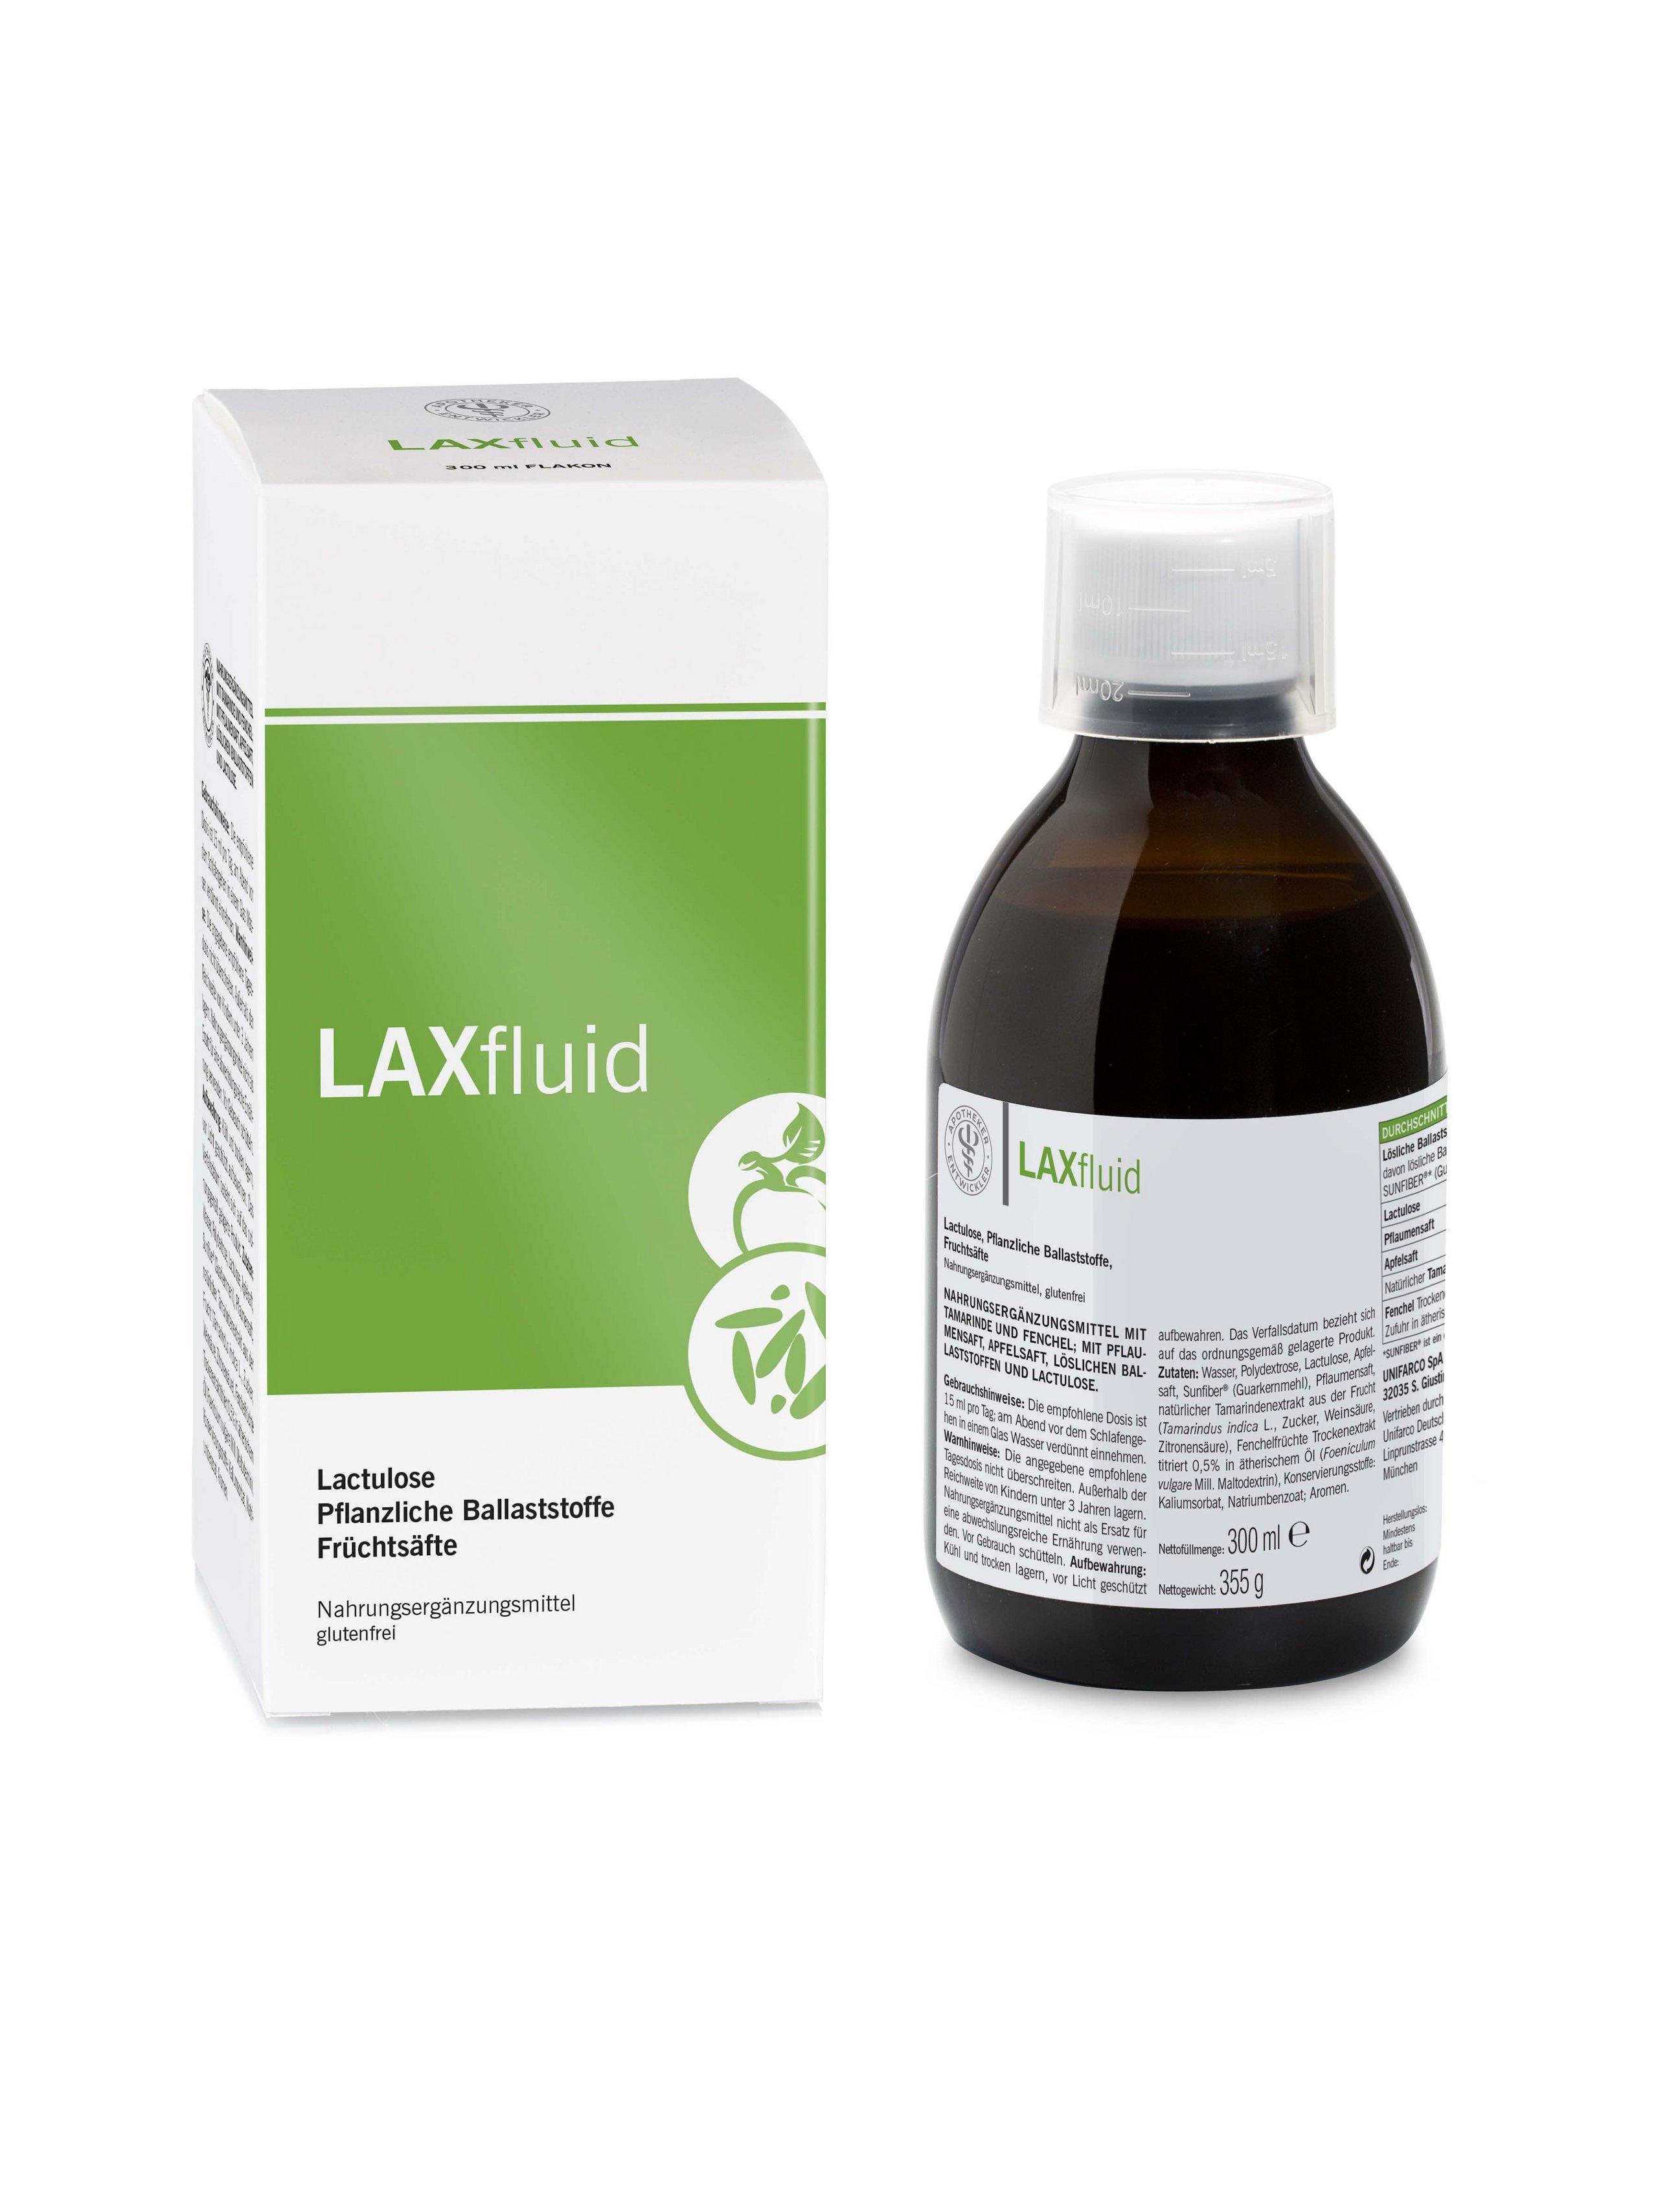 LAXfluid